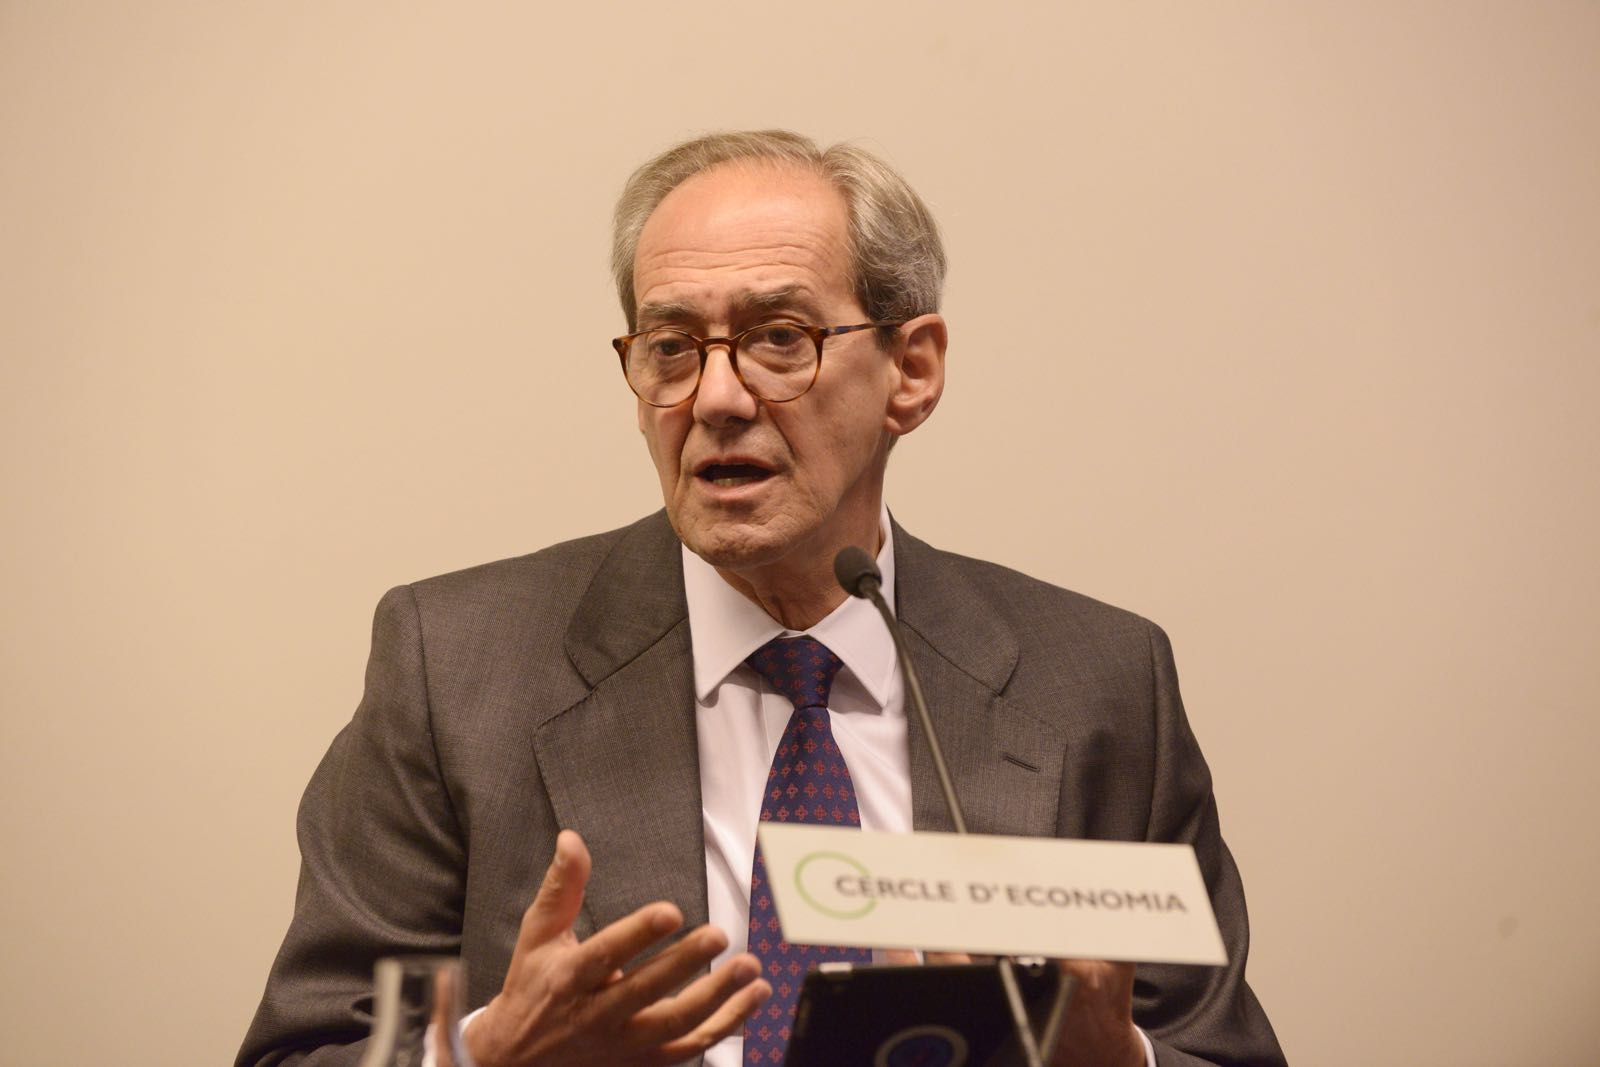 José Manuel González-Páramo, BBVA, at AmCham event in Barcelona